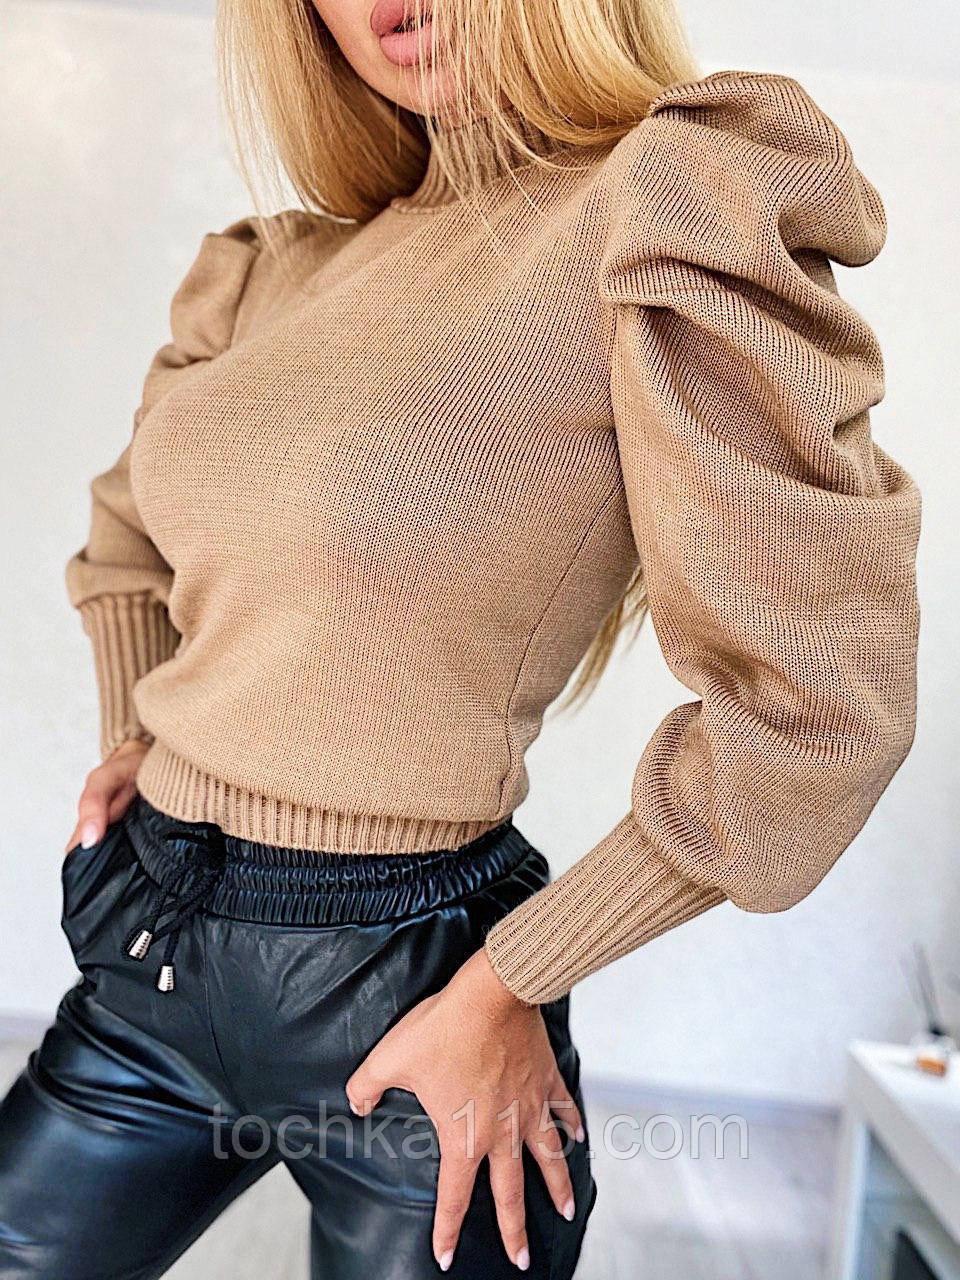 Нежный свитерок из тонкой шерстяной пряжи с объемными рукавами, 42-46 р, кэмел